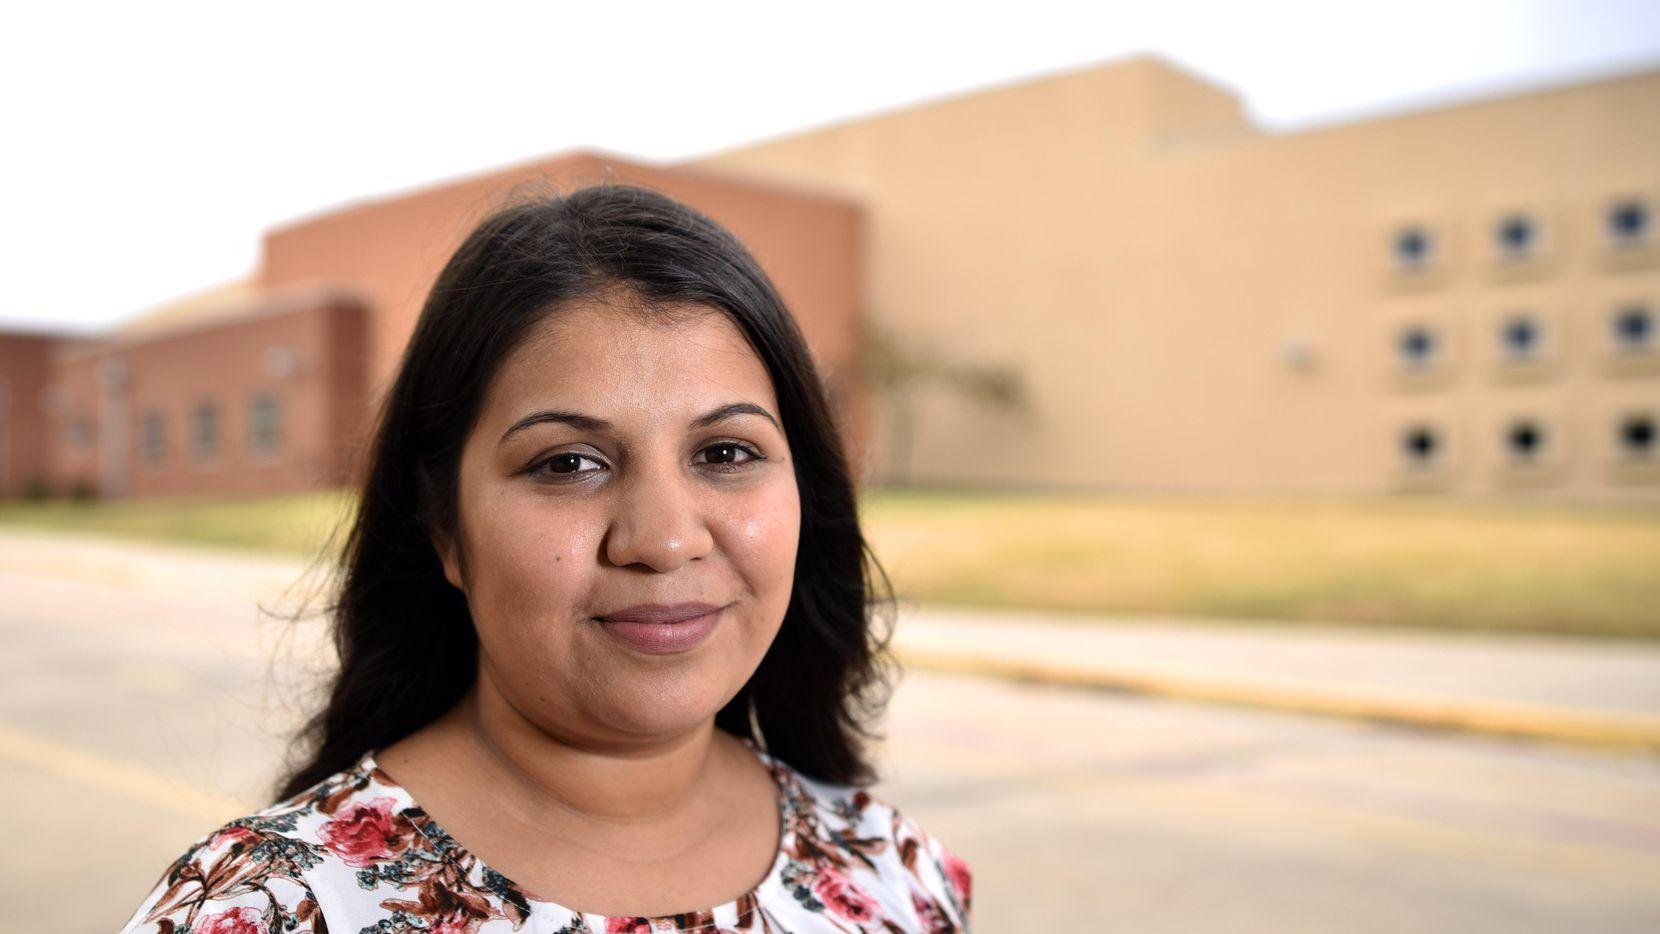 Irazema Rodríguez, de 23 años, es maestra de segundo grado. (ESPECIAL PARA AL DÍA/BEN TORRES)